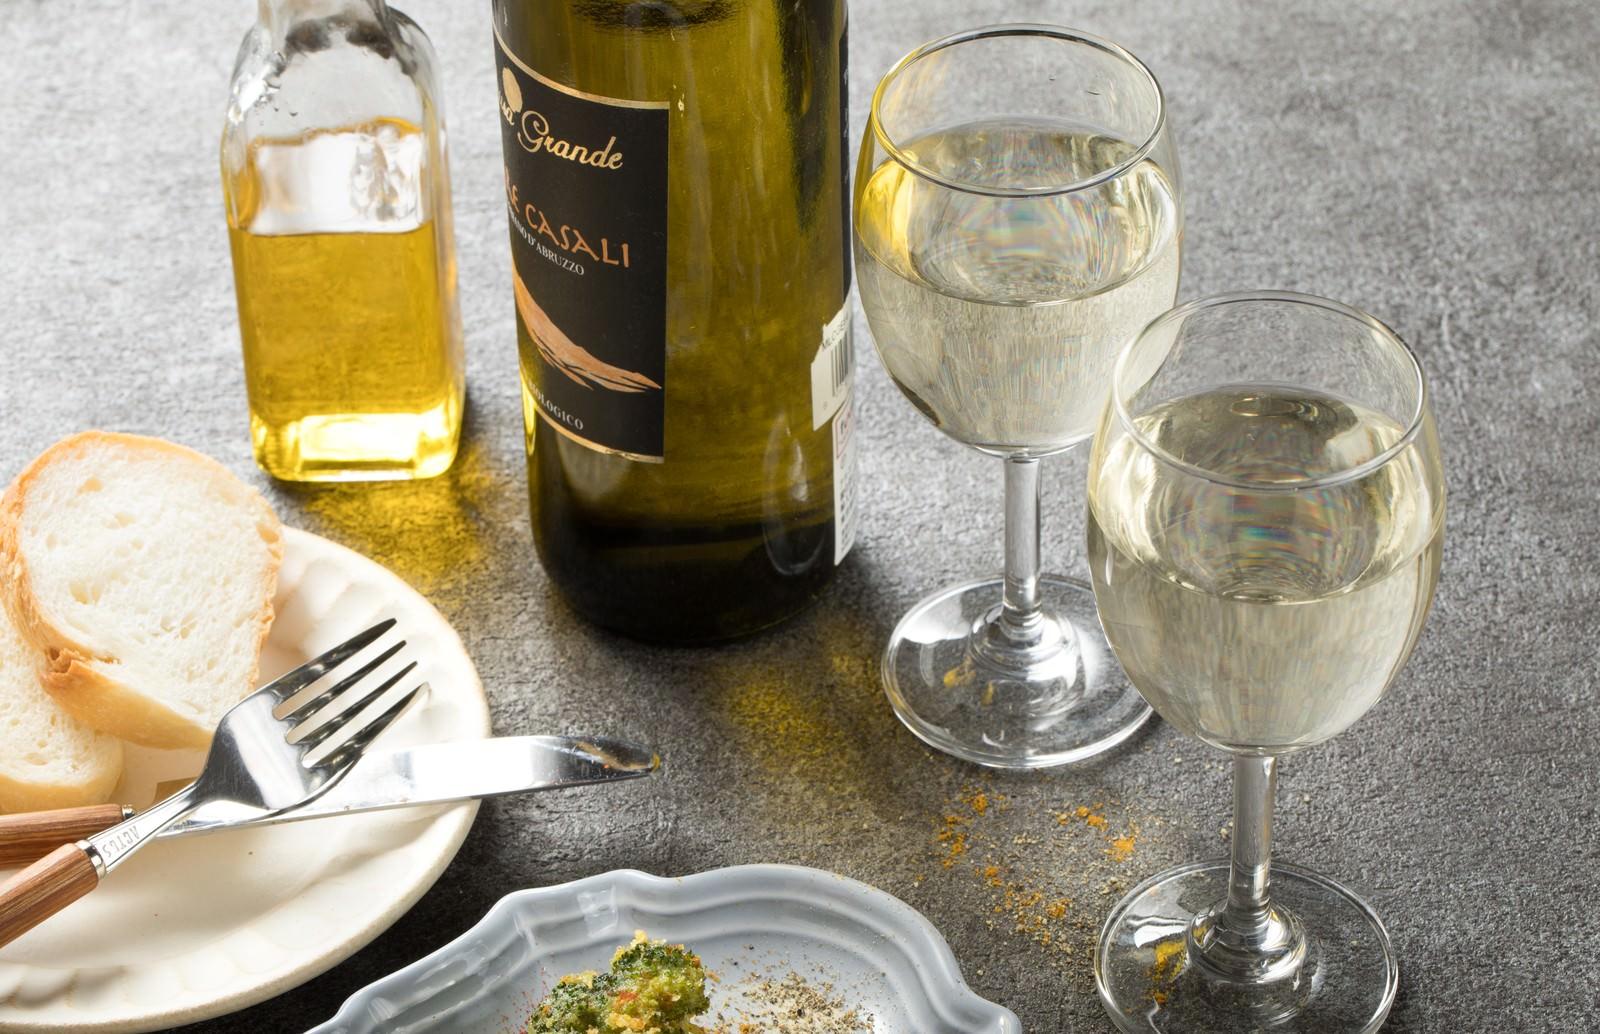 「食卓に並ぶワイン」の写真